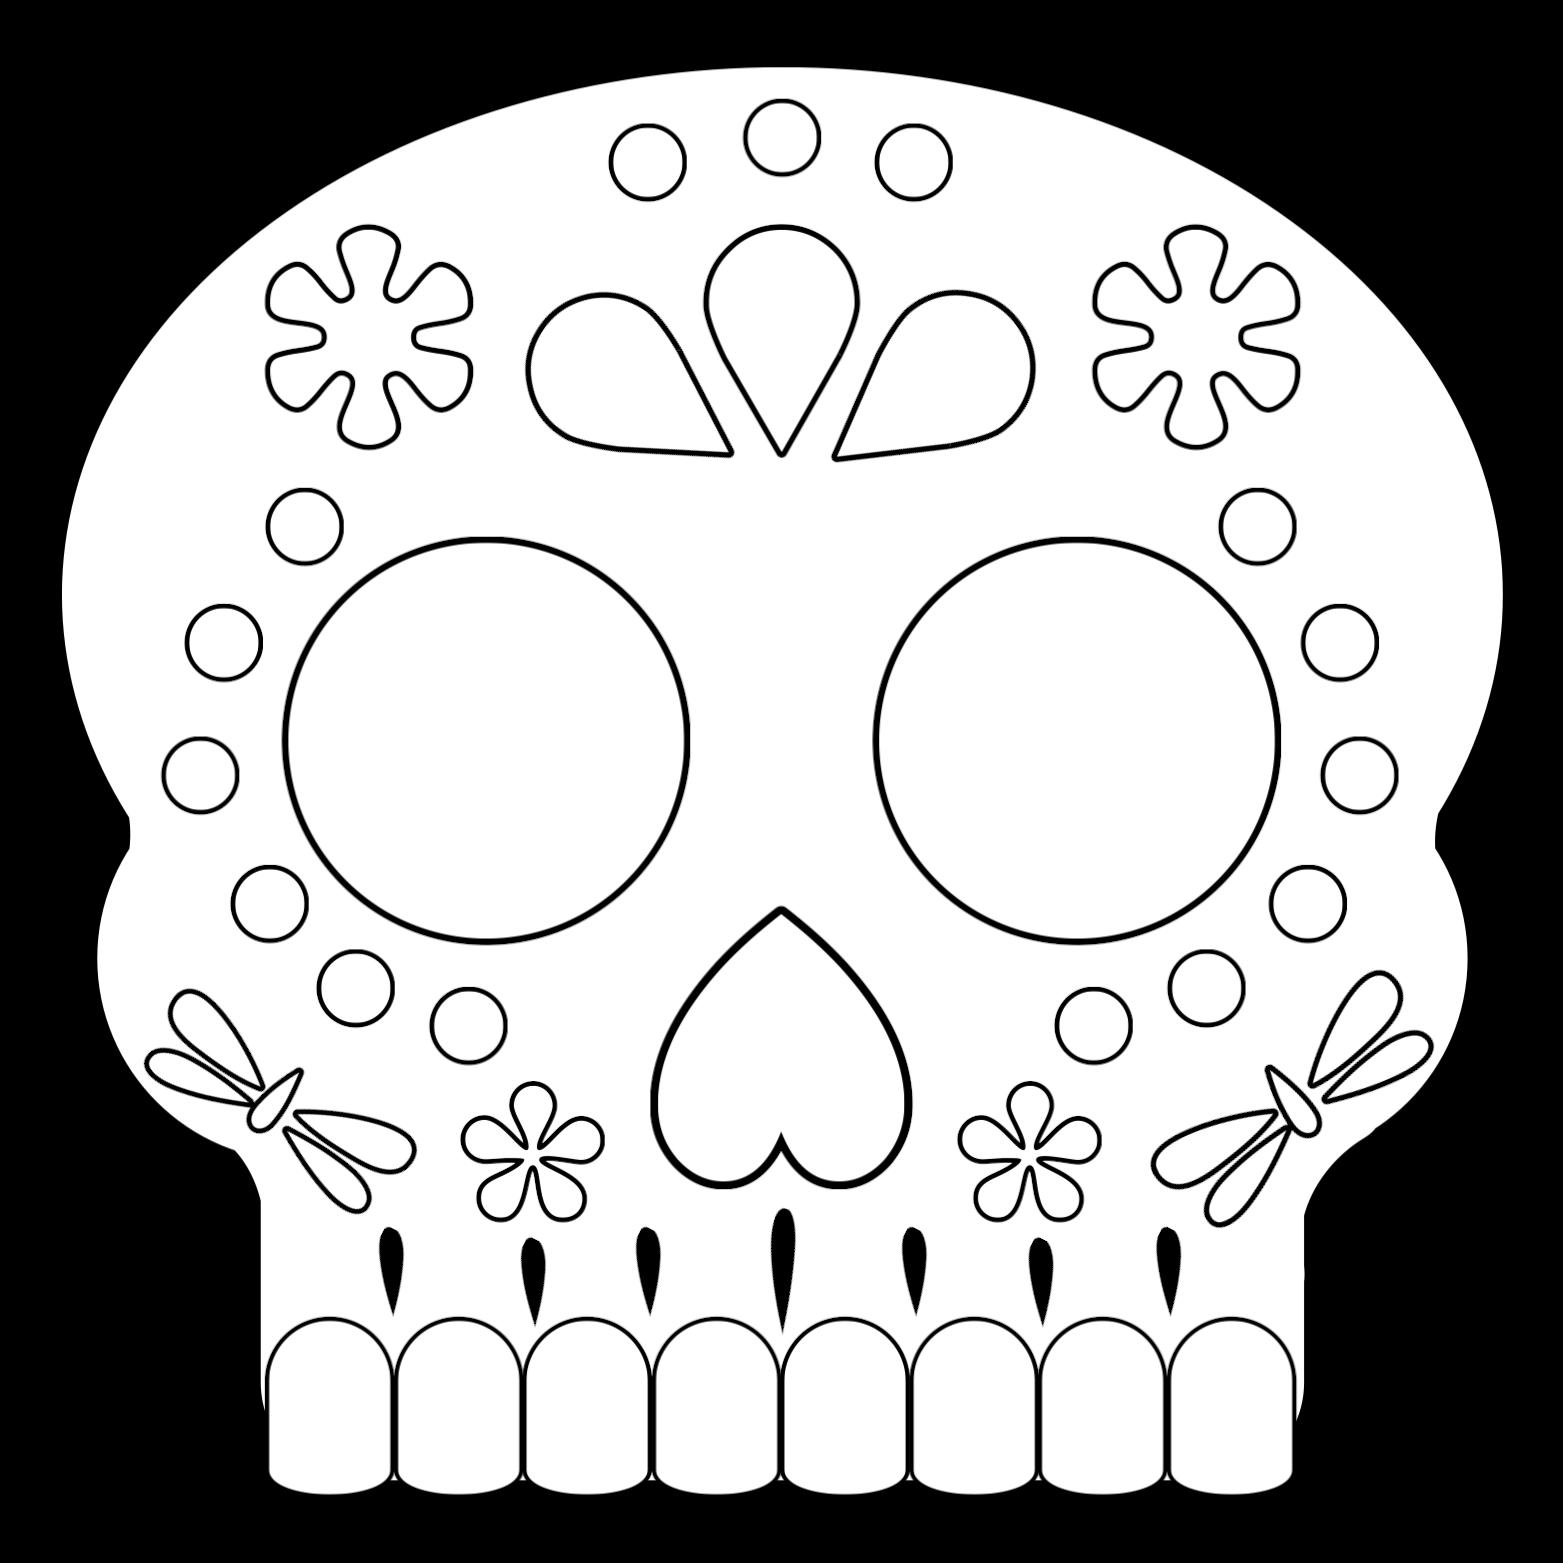 Sugar Skull Mask 3 Coloring Page